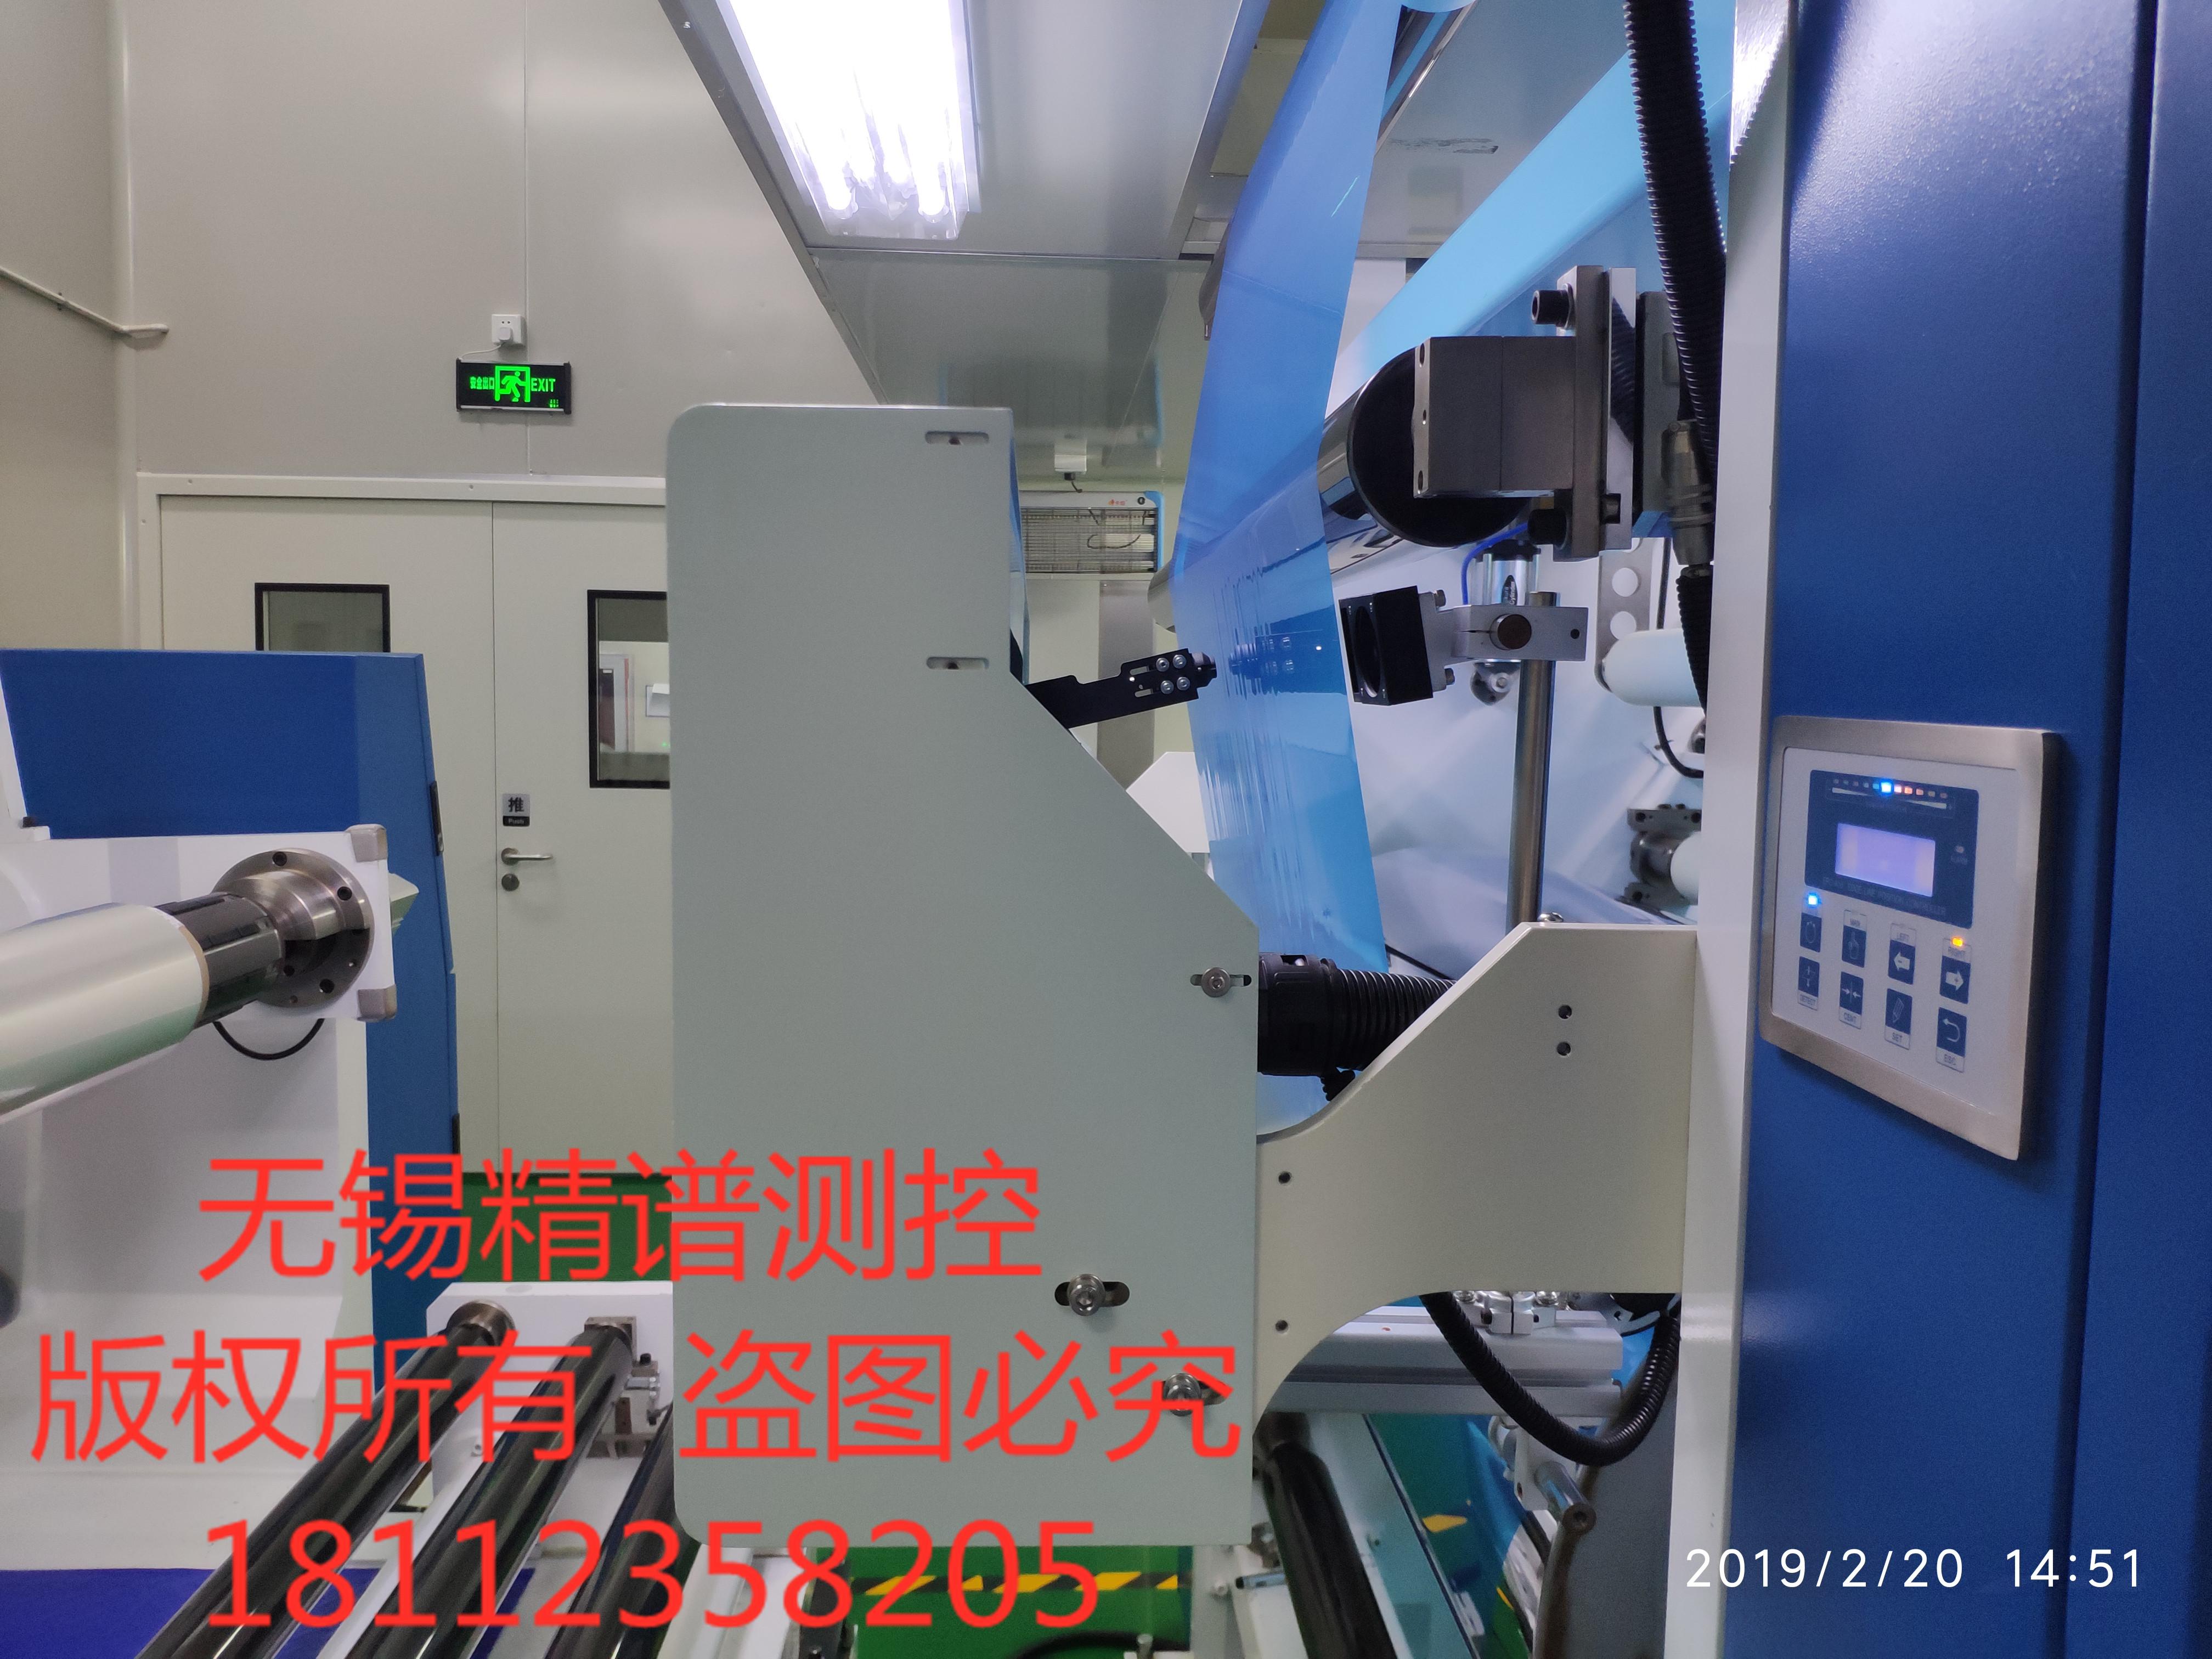 薄膜表面瑕疵檢測系統可智能檢測產品的外觀缺陷